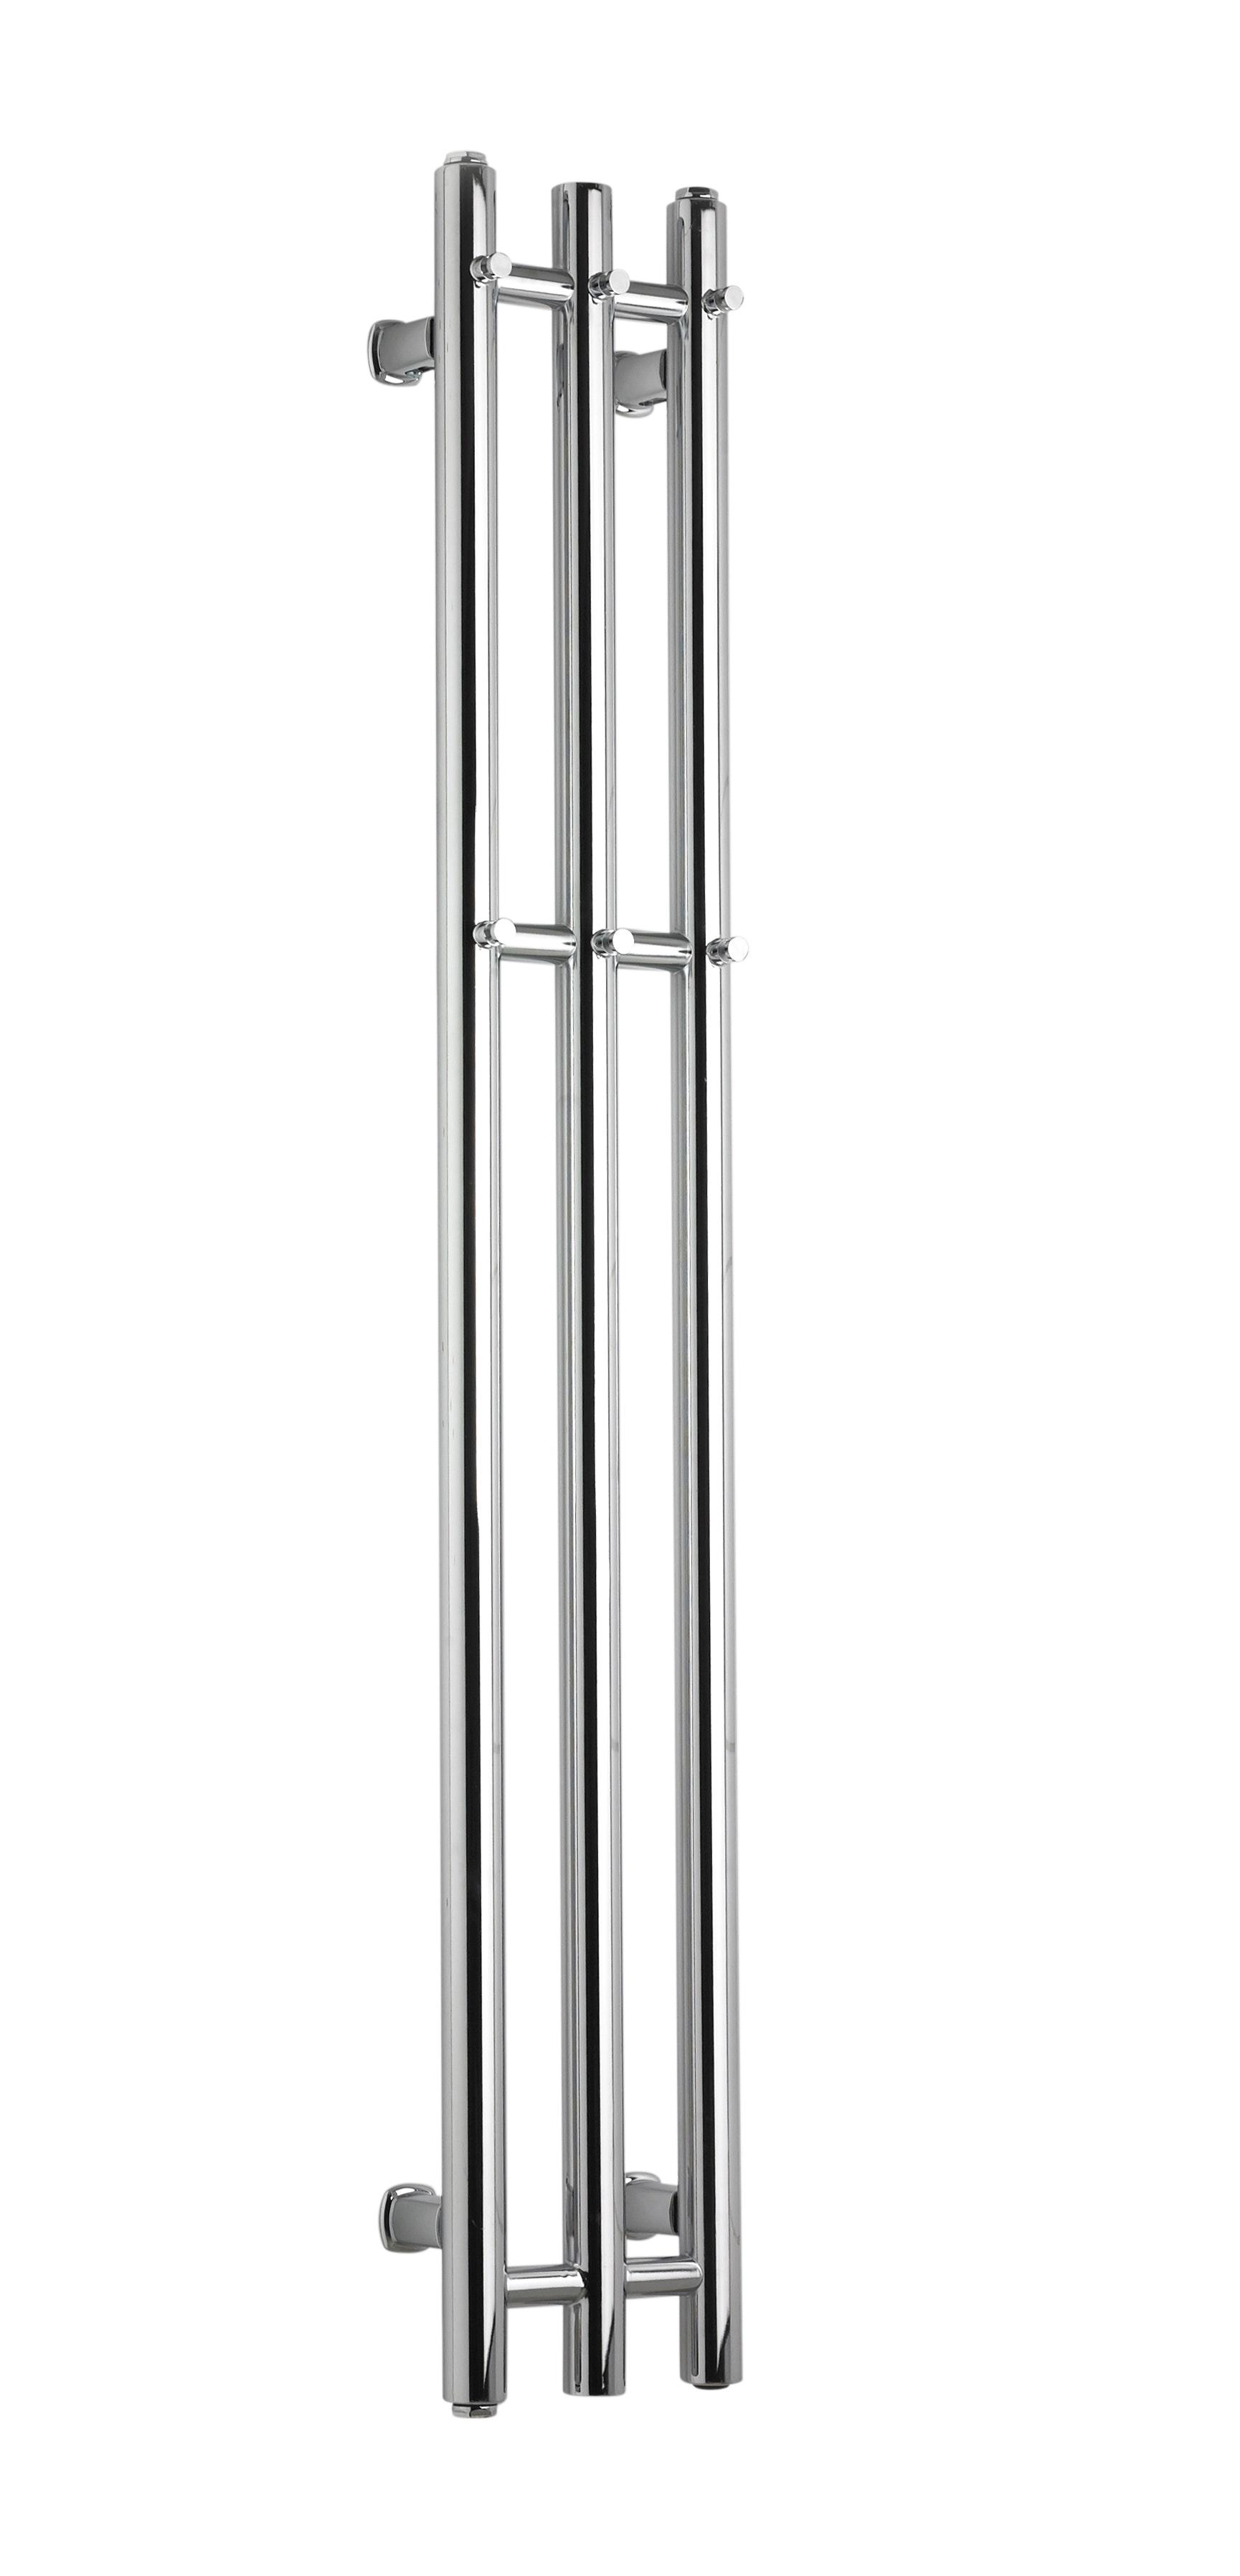 Handdukstork Noro Deco Krom 200x65x1200mm